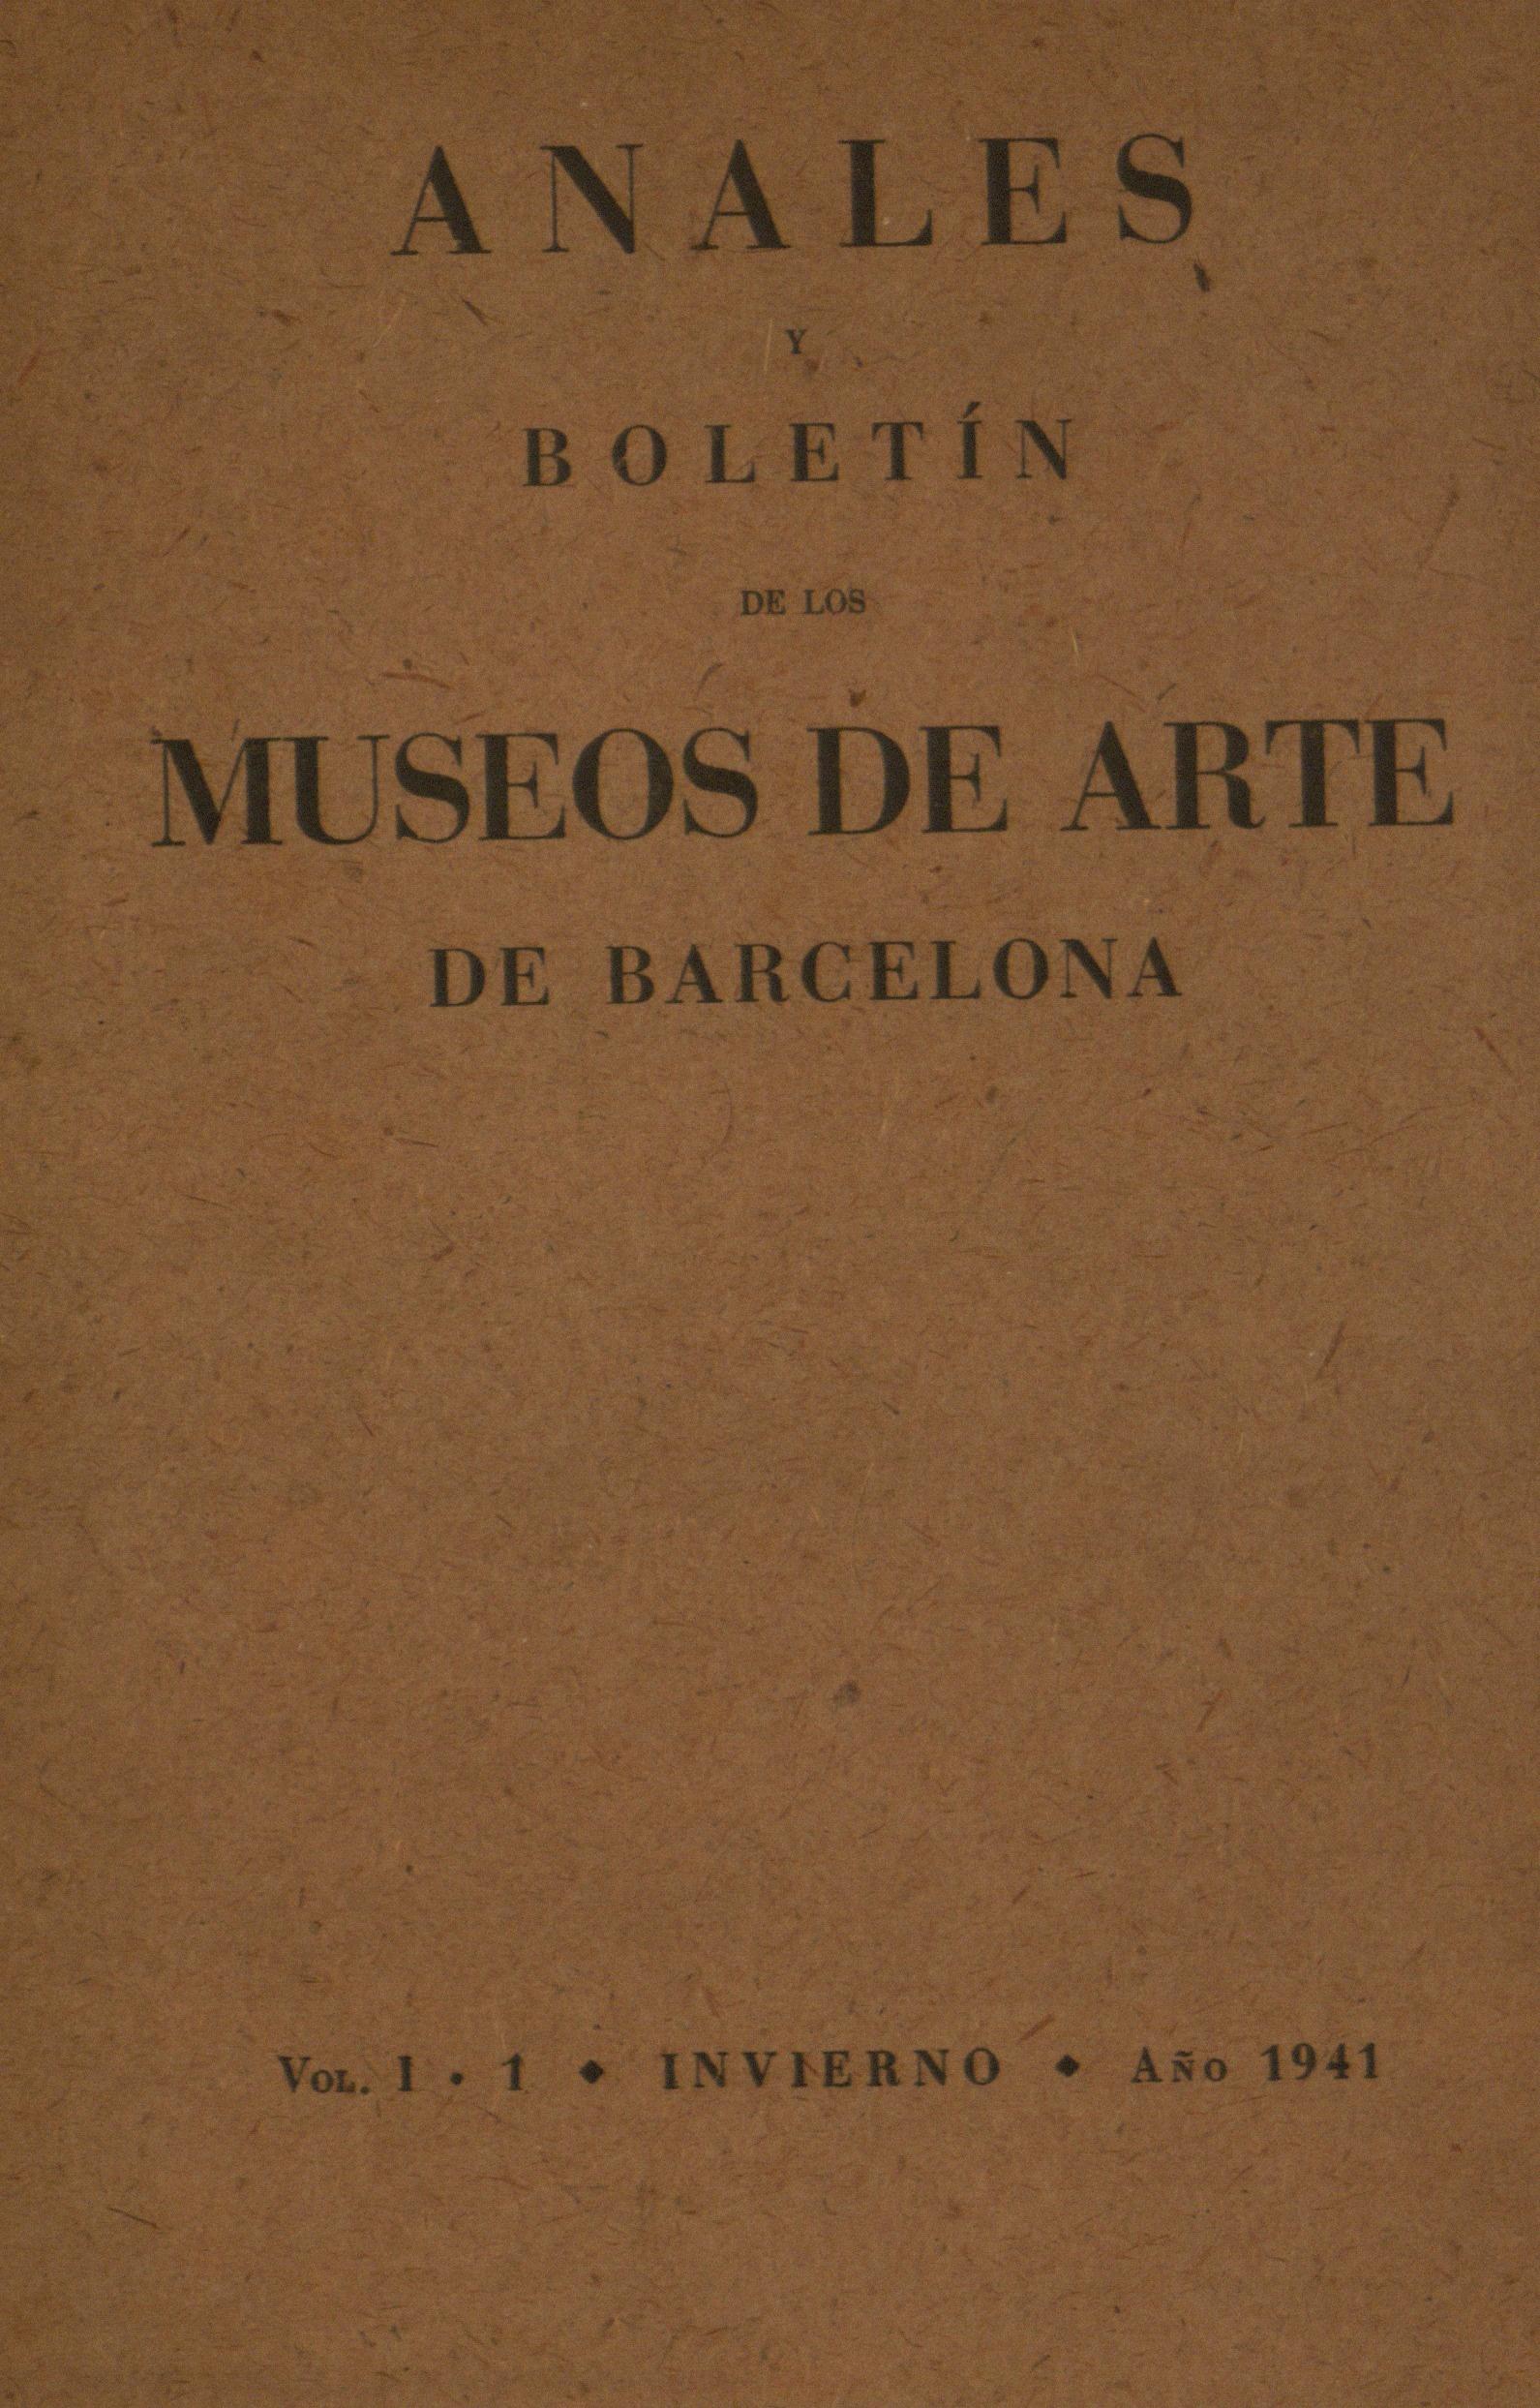 Vol. 1, núm. 1 (1941)